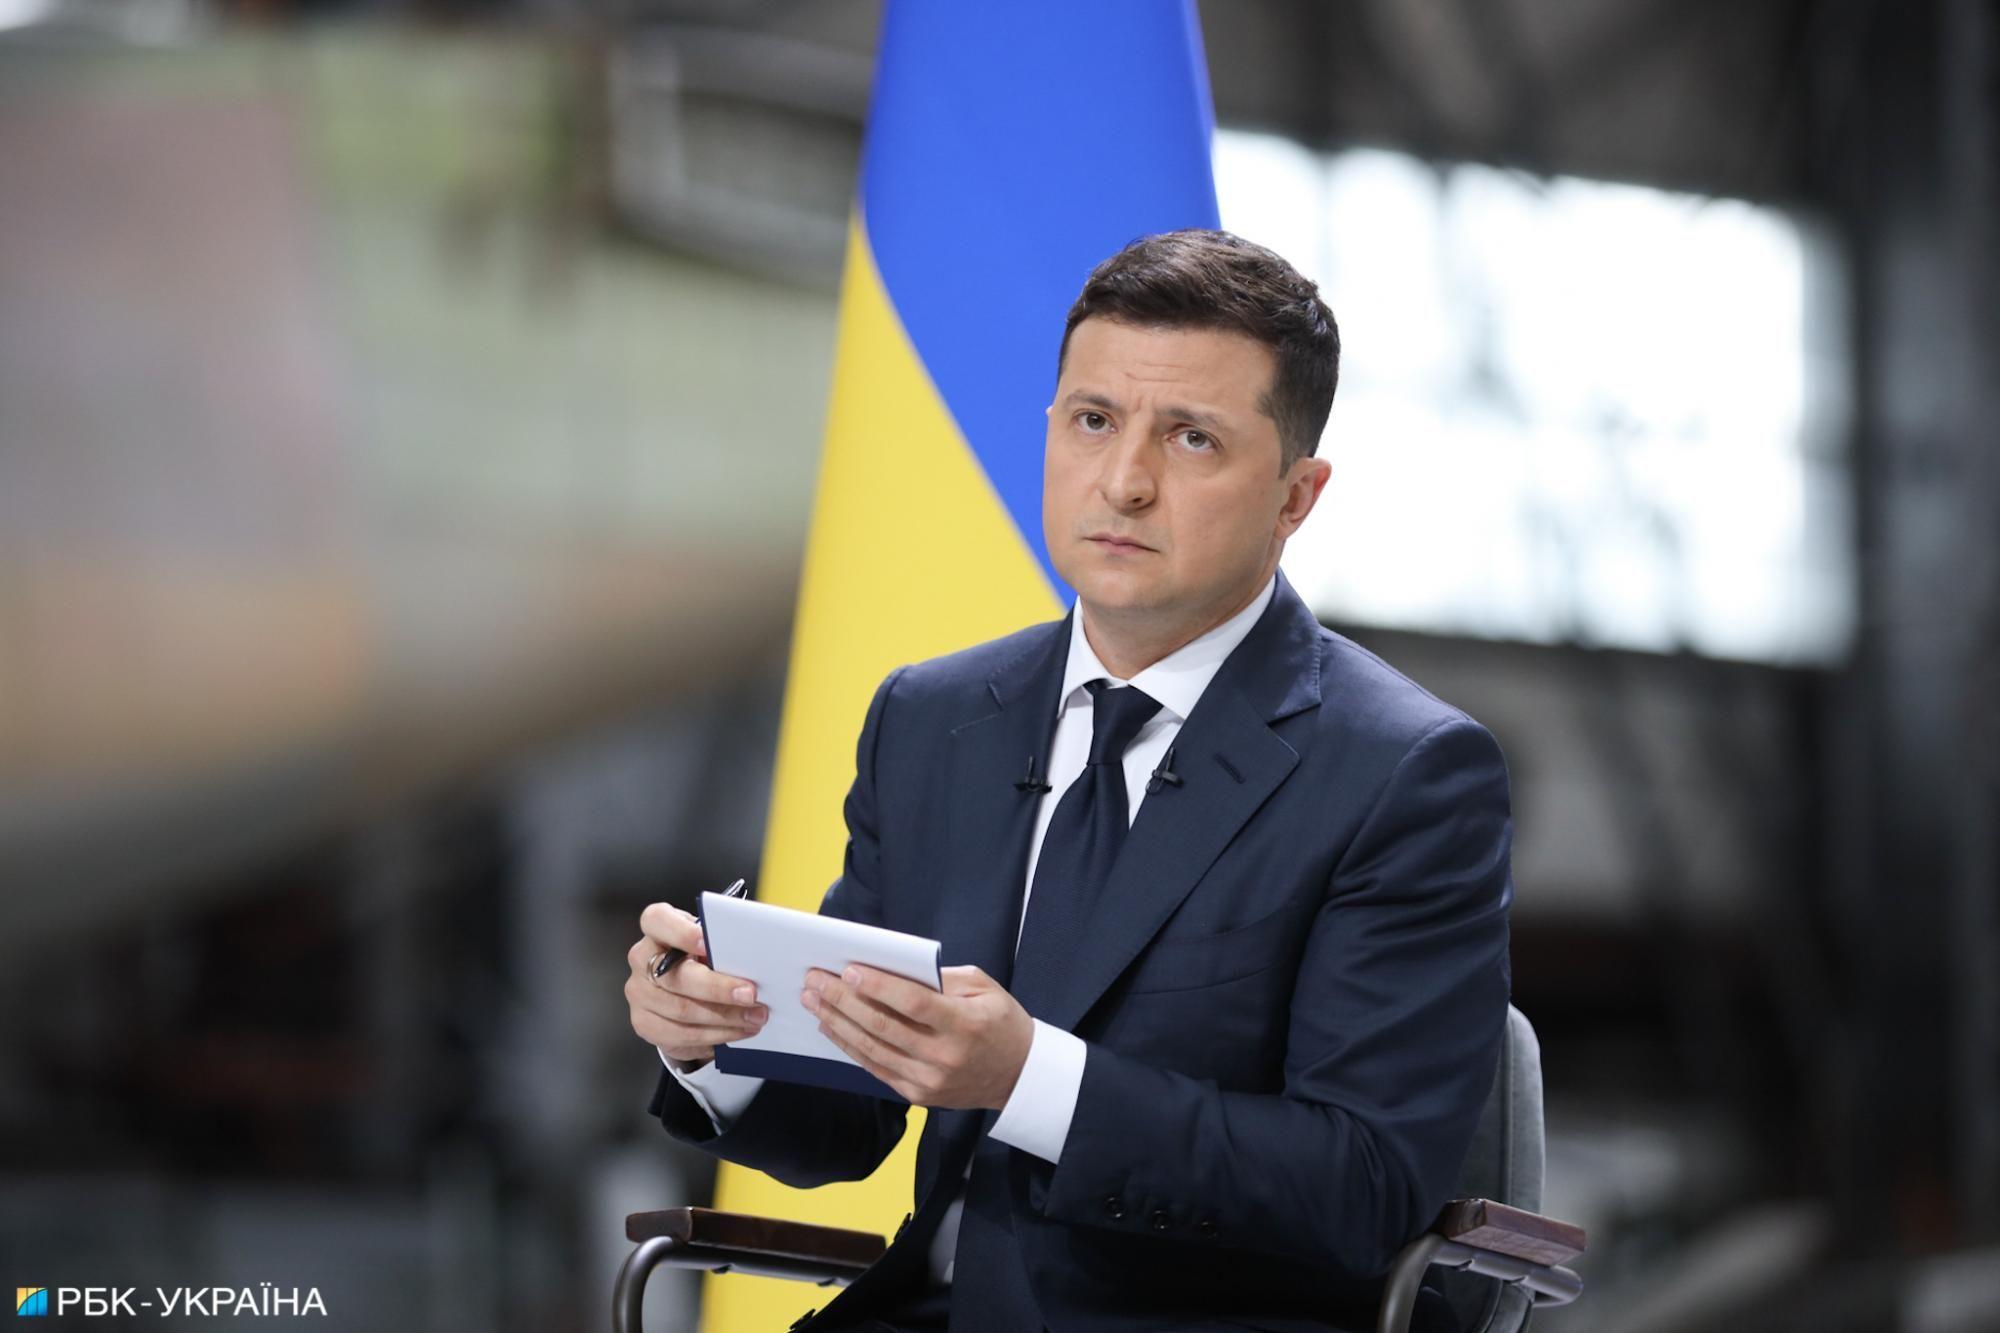 «Україна» і Перший незалежний маніпулювали на темі пресконференції президента — моніторинг